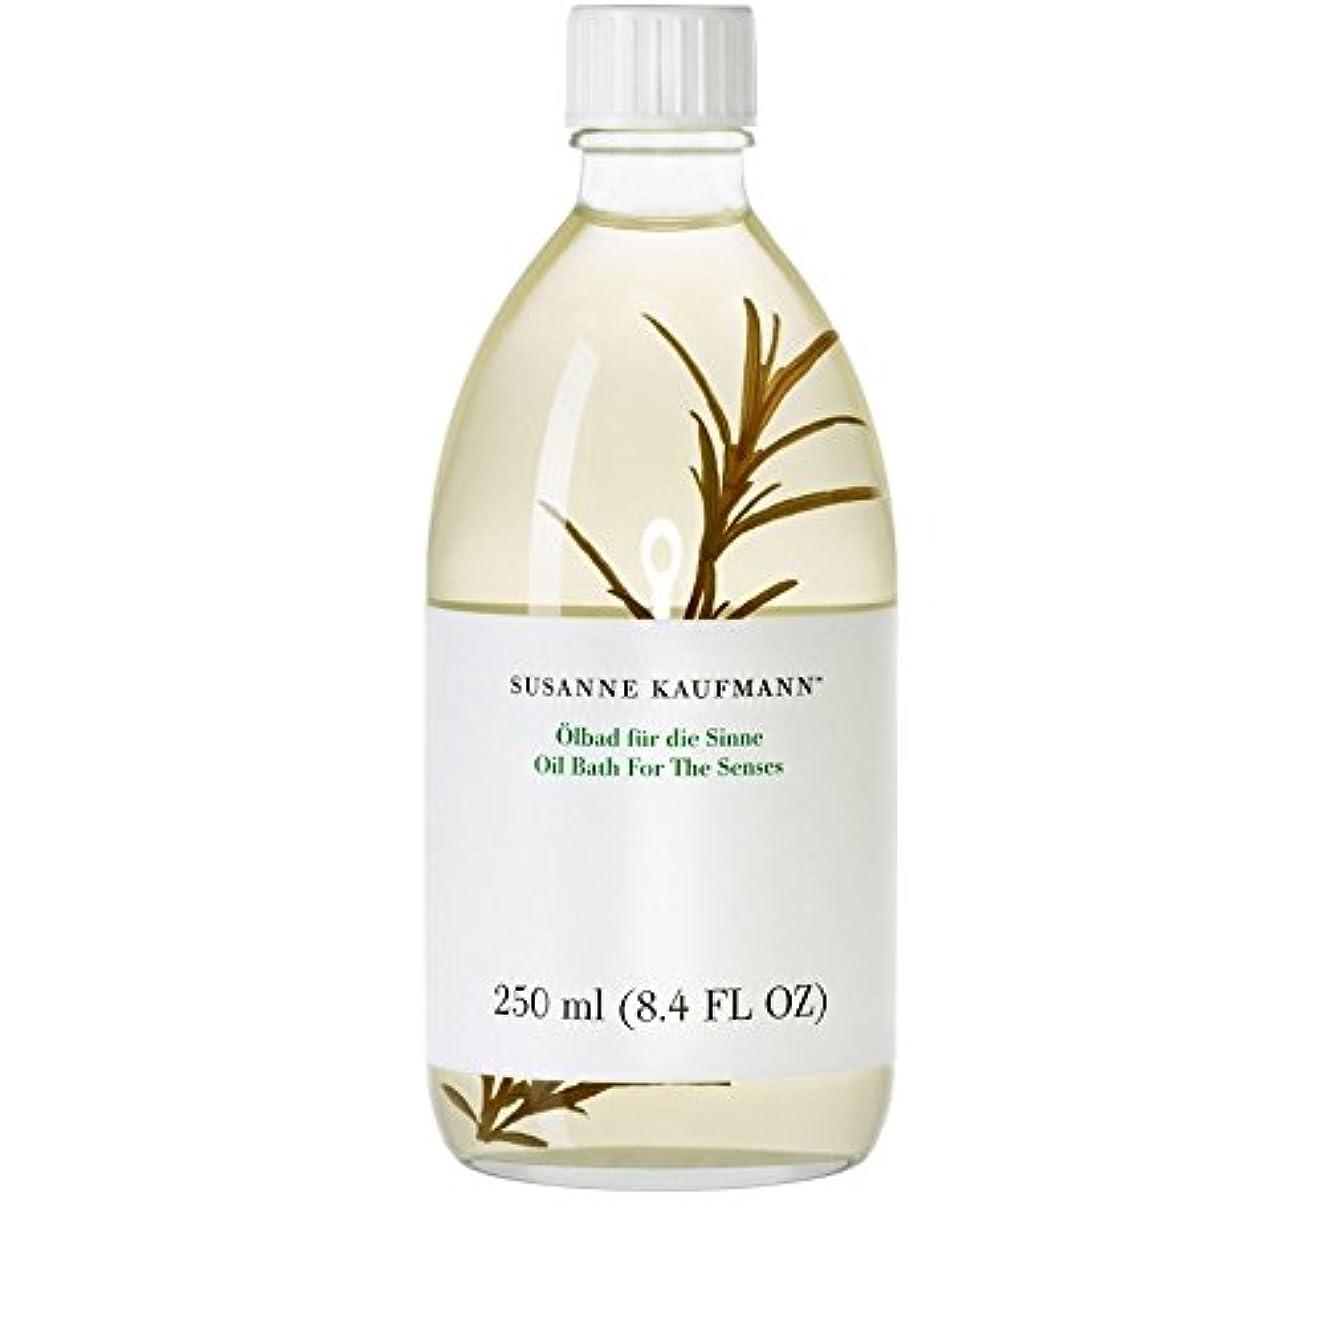 充電誘導独特の250ミリリットルの感覚のためのスザンヌカウフマンオイルバス x2 - Susanne Kaufmann Oil Bath for the Senses 250ml (Pack of 2) [並行輸入品]